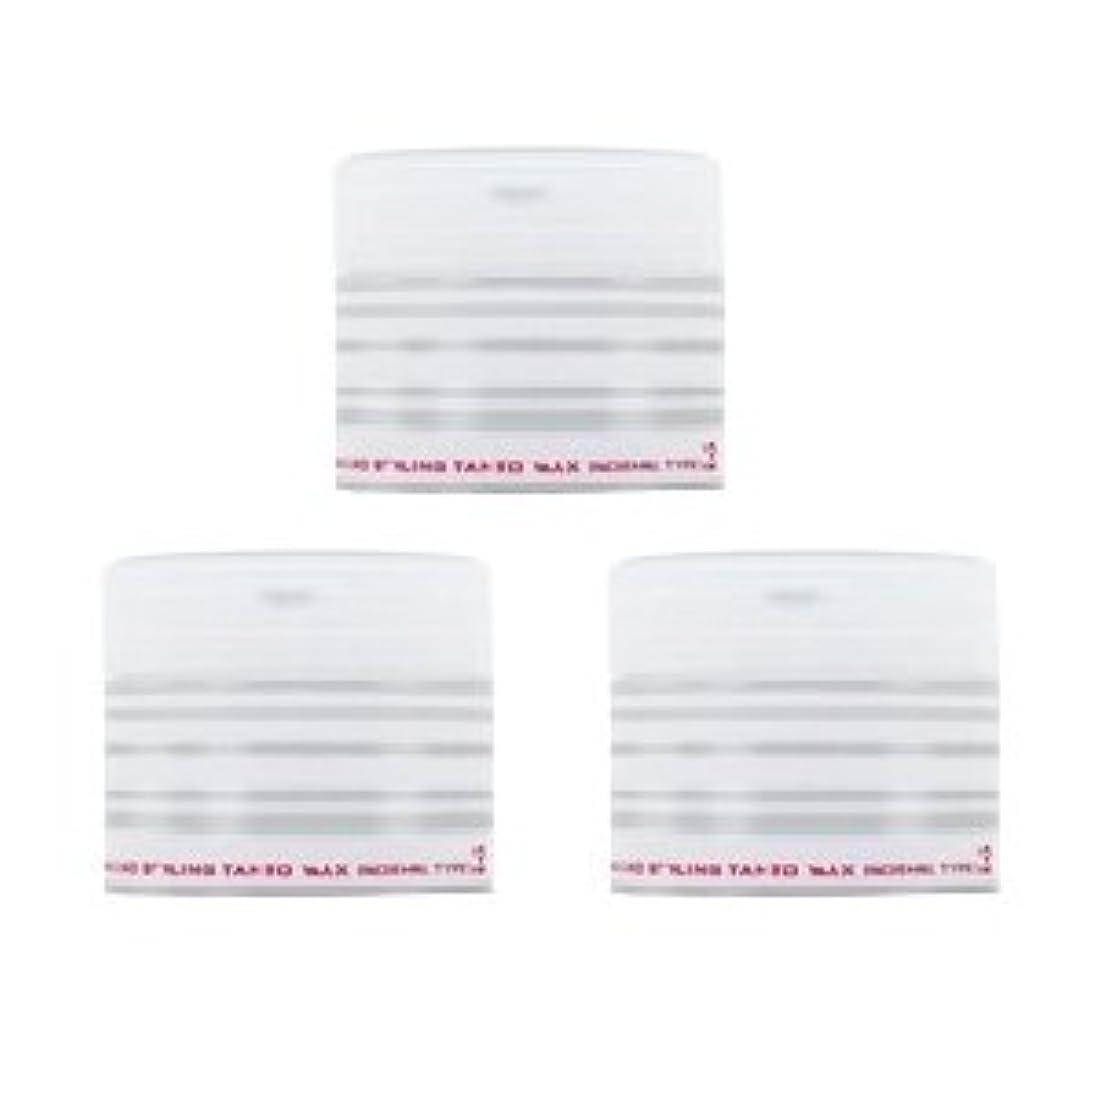 ナカノ スタイリング タントN ワックス 2 ノーマルタイプ 90g × 3個セット